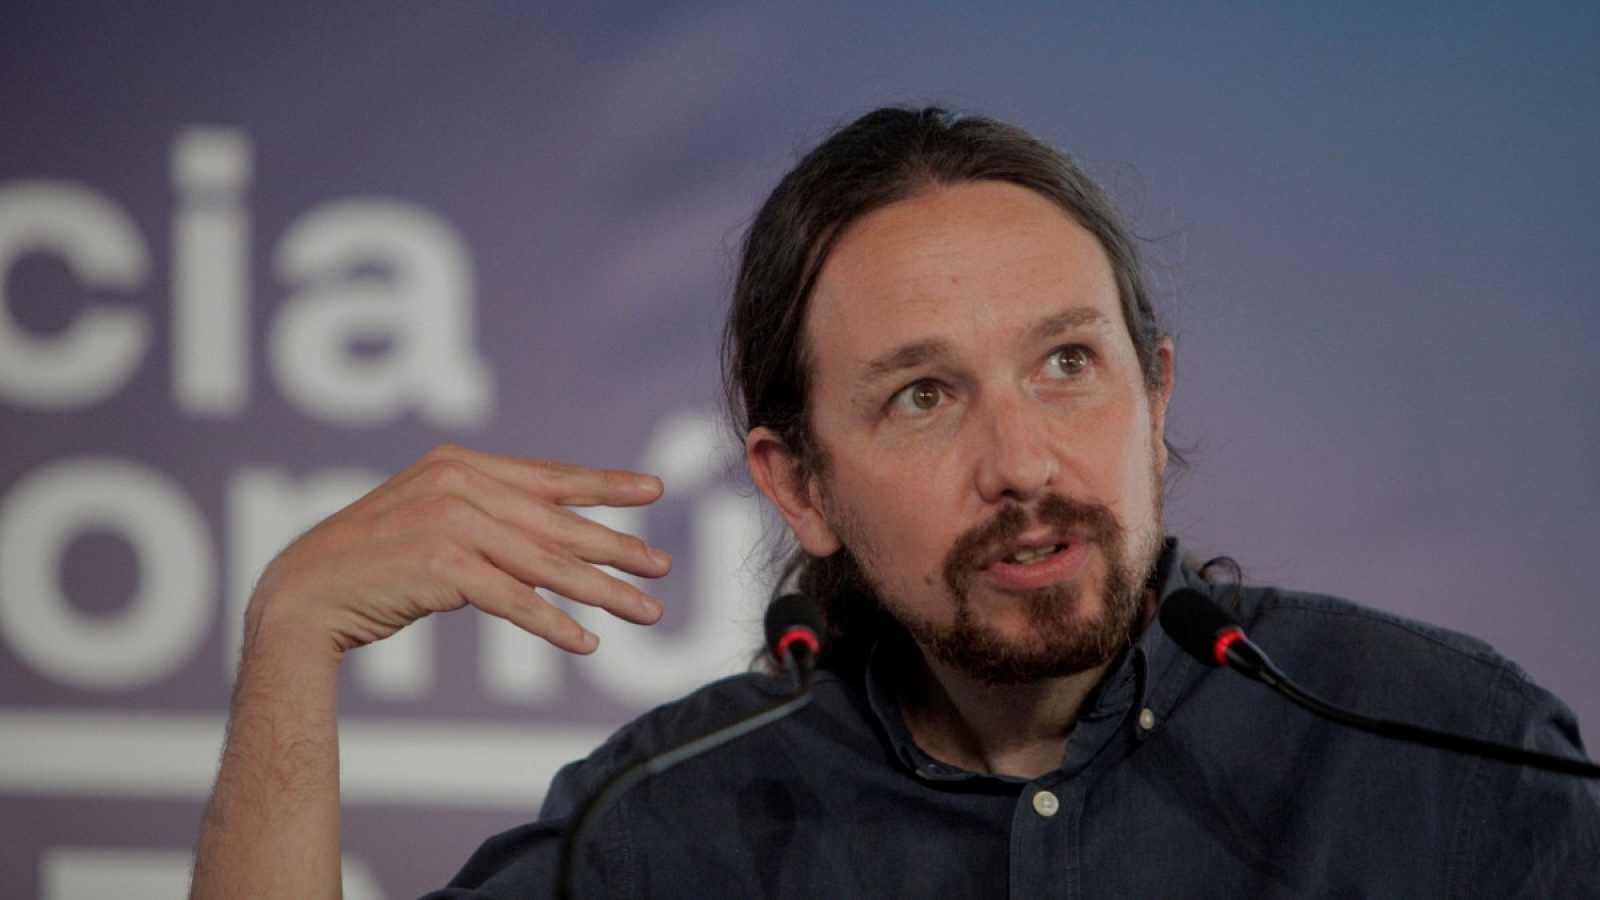 """Iglesias elogia la """"valentía"""" y el """"cambio de posición"""" de Sánchez: """"Crece un debate sobre la utilidad de la monarquía"""""""